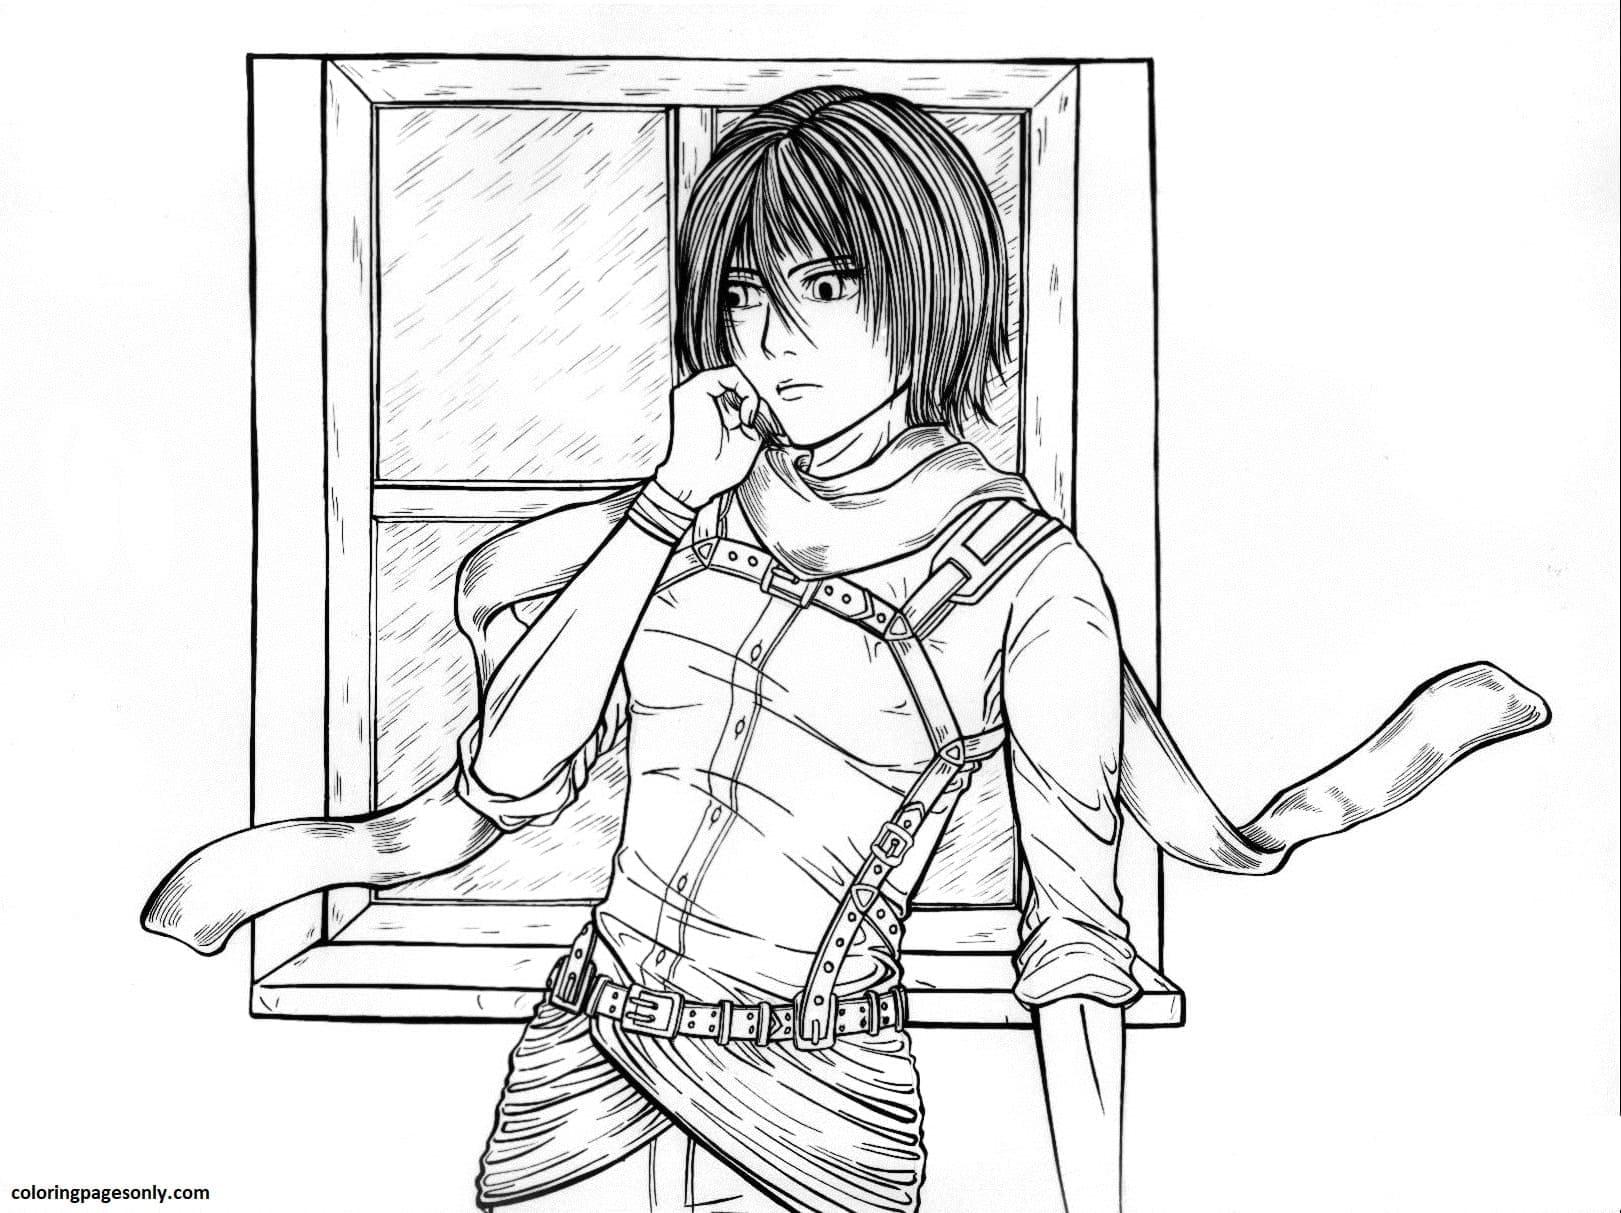 Mikasa Coloring Page